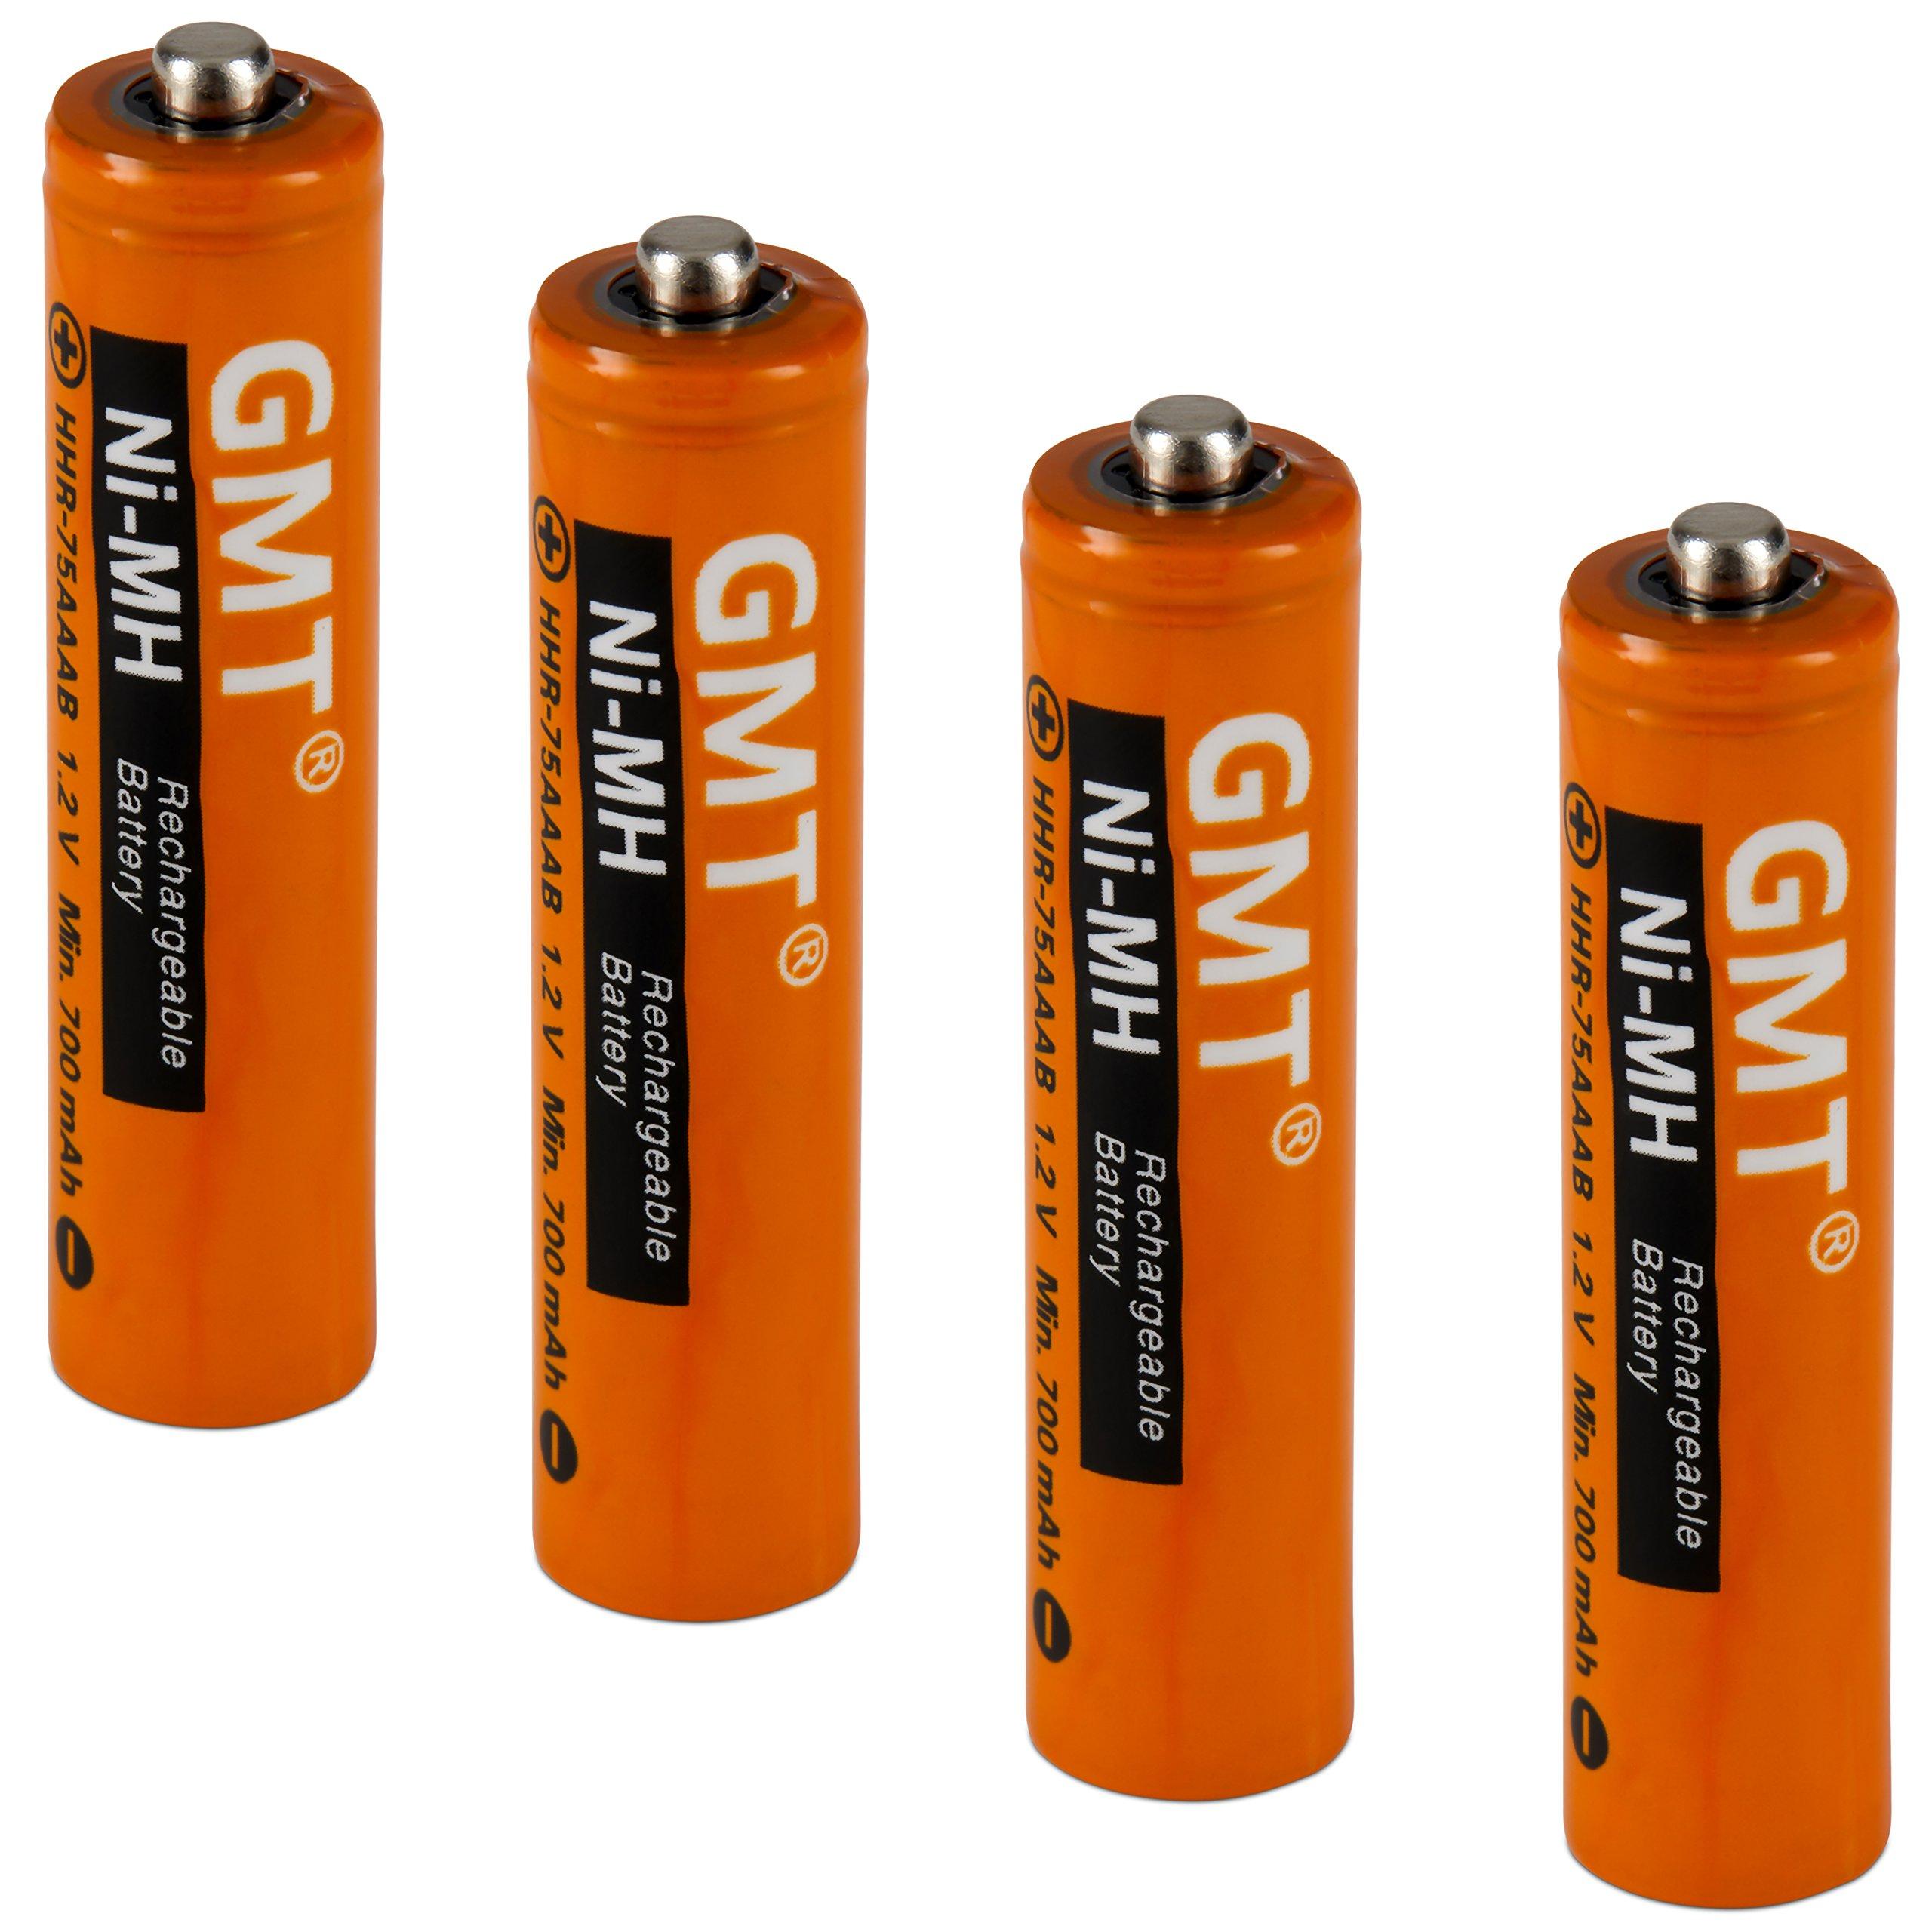 GMT Panasonic - Pilas inalámbricas para teléfono NI-MH recargables AAA de 750 mAh de potencia extra (